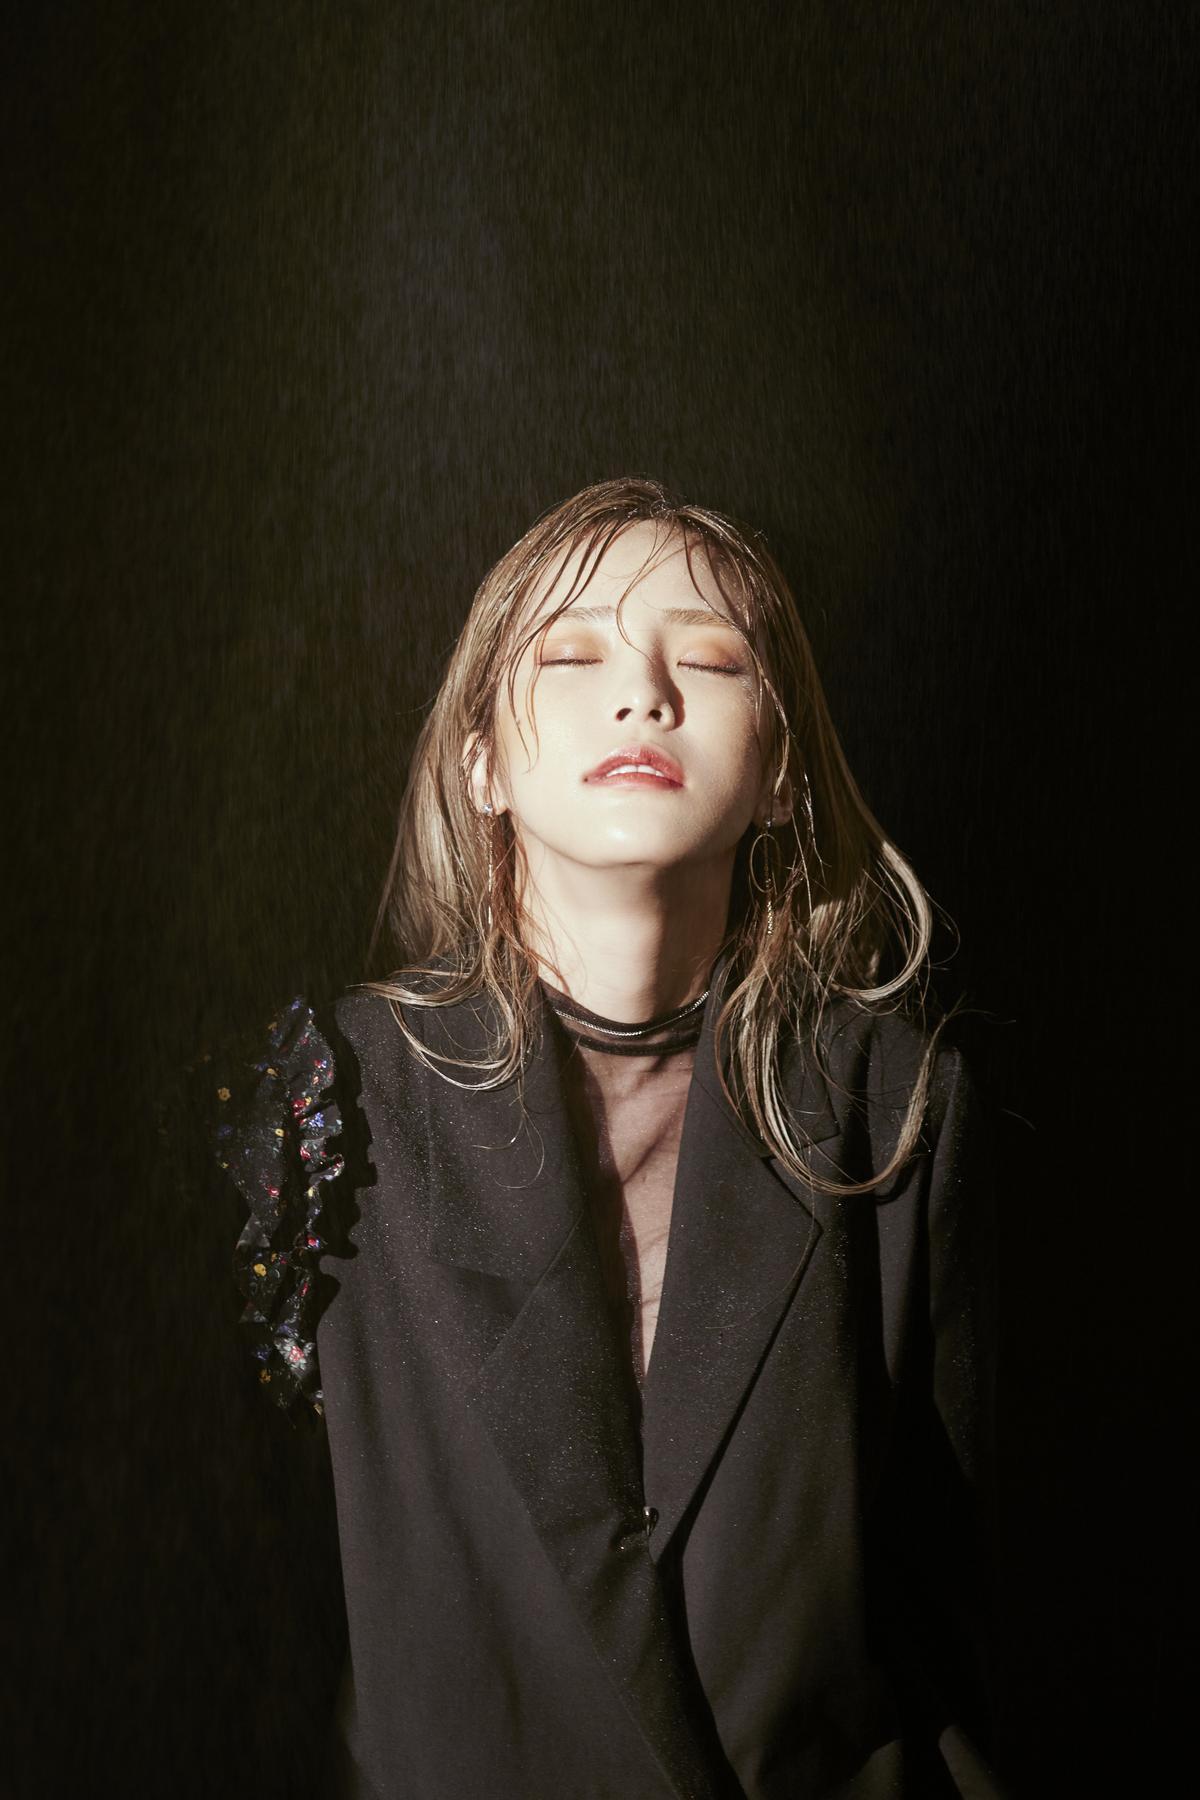 HEIZE深具魅力的音色讓粉絲被她歌聲吸引,迫不及待想看現場演出。(寬宏藝術提供)